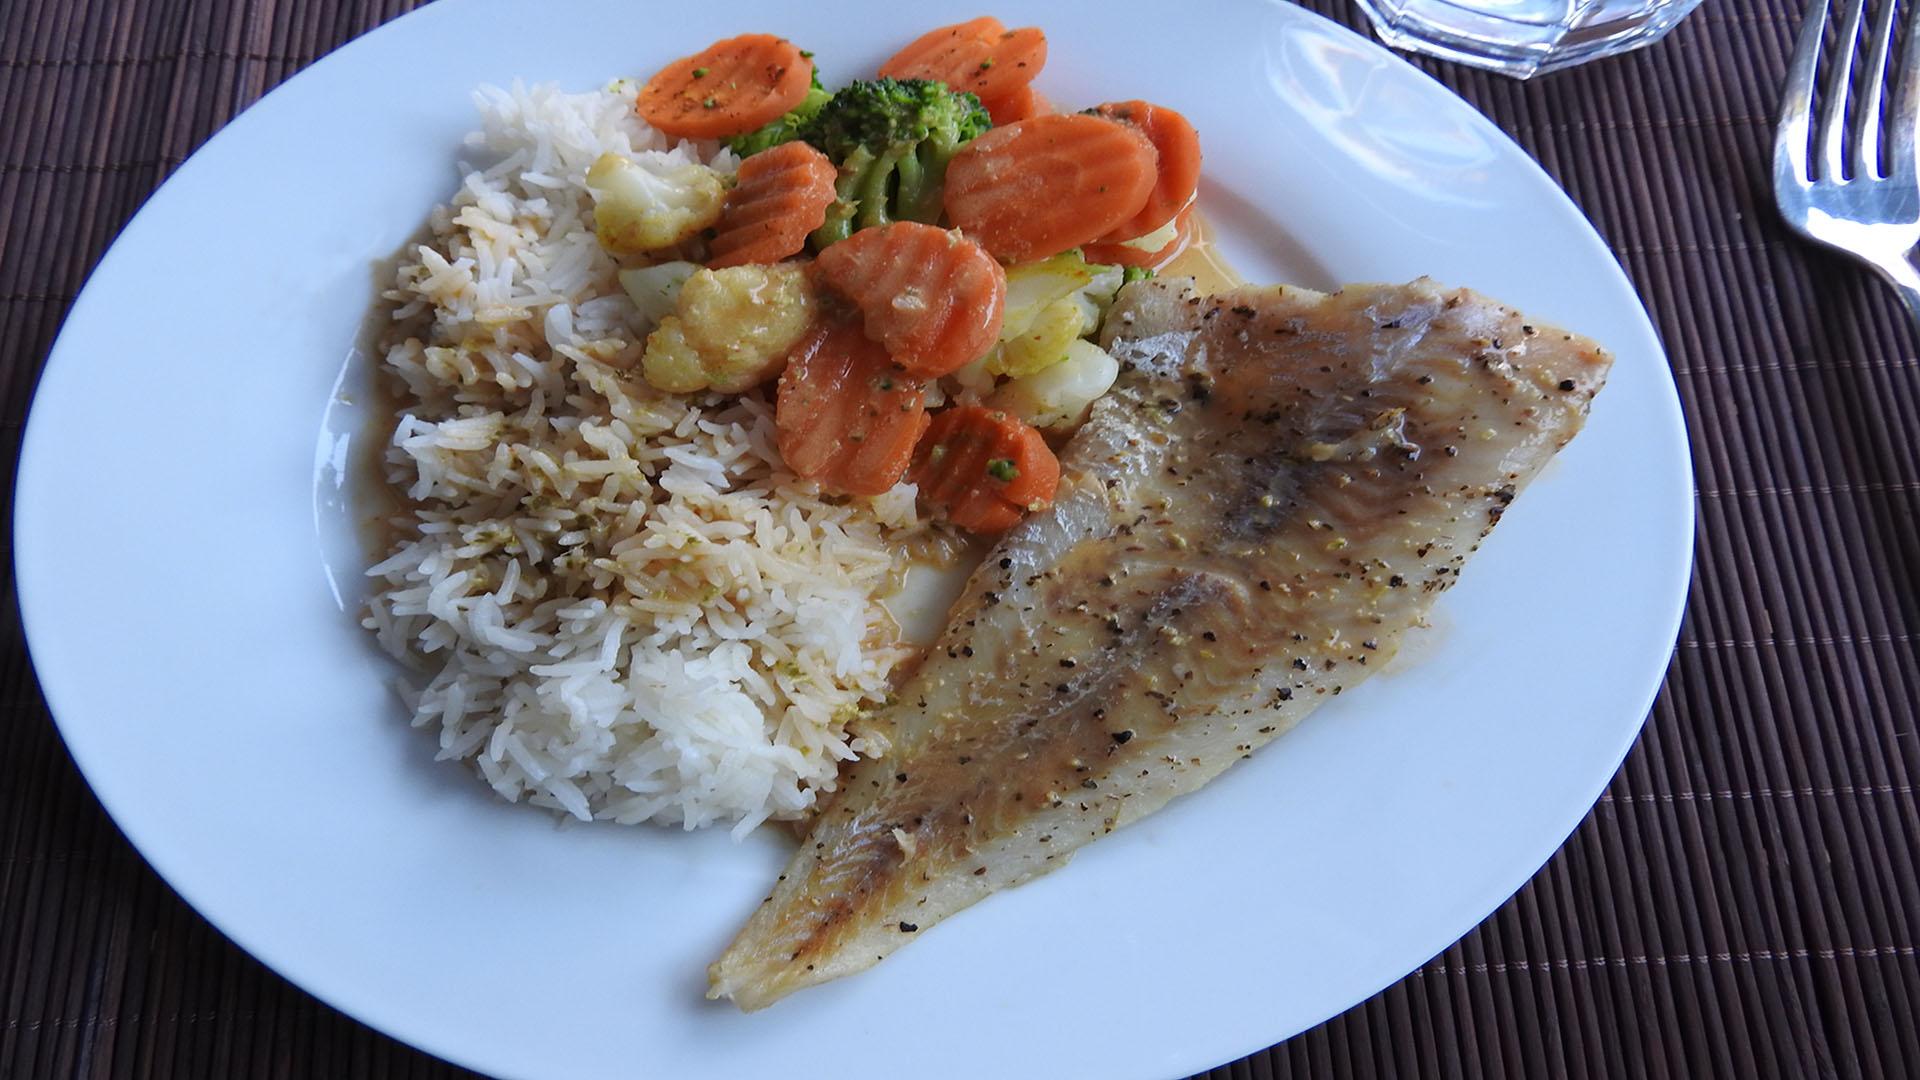 Gegrillter Seelachs mit Pfeffersauce auf Kochen-verstehen.de